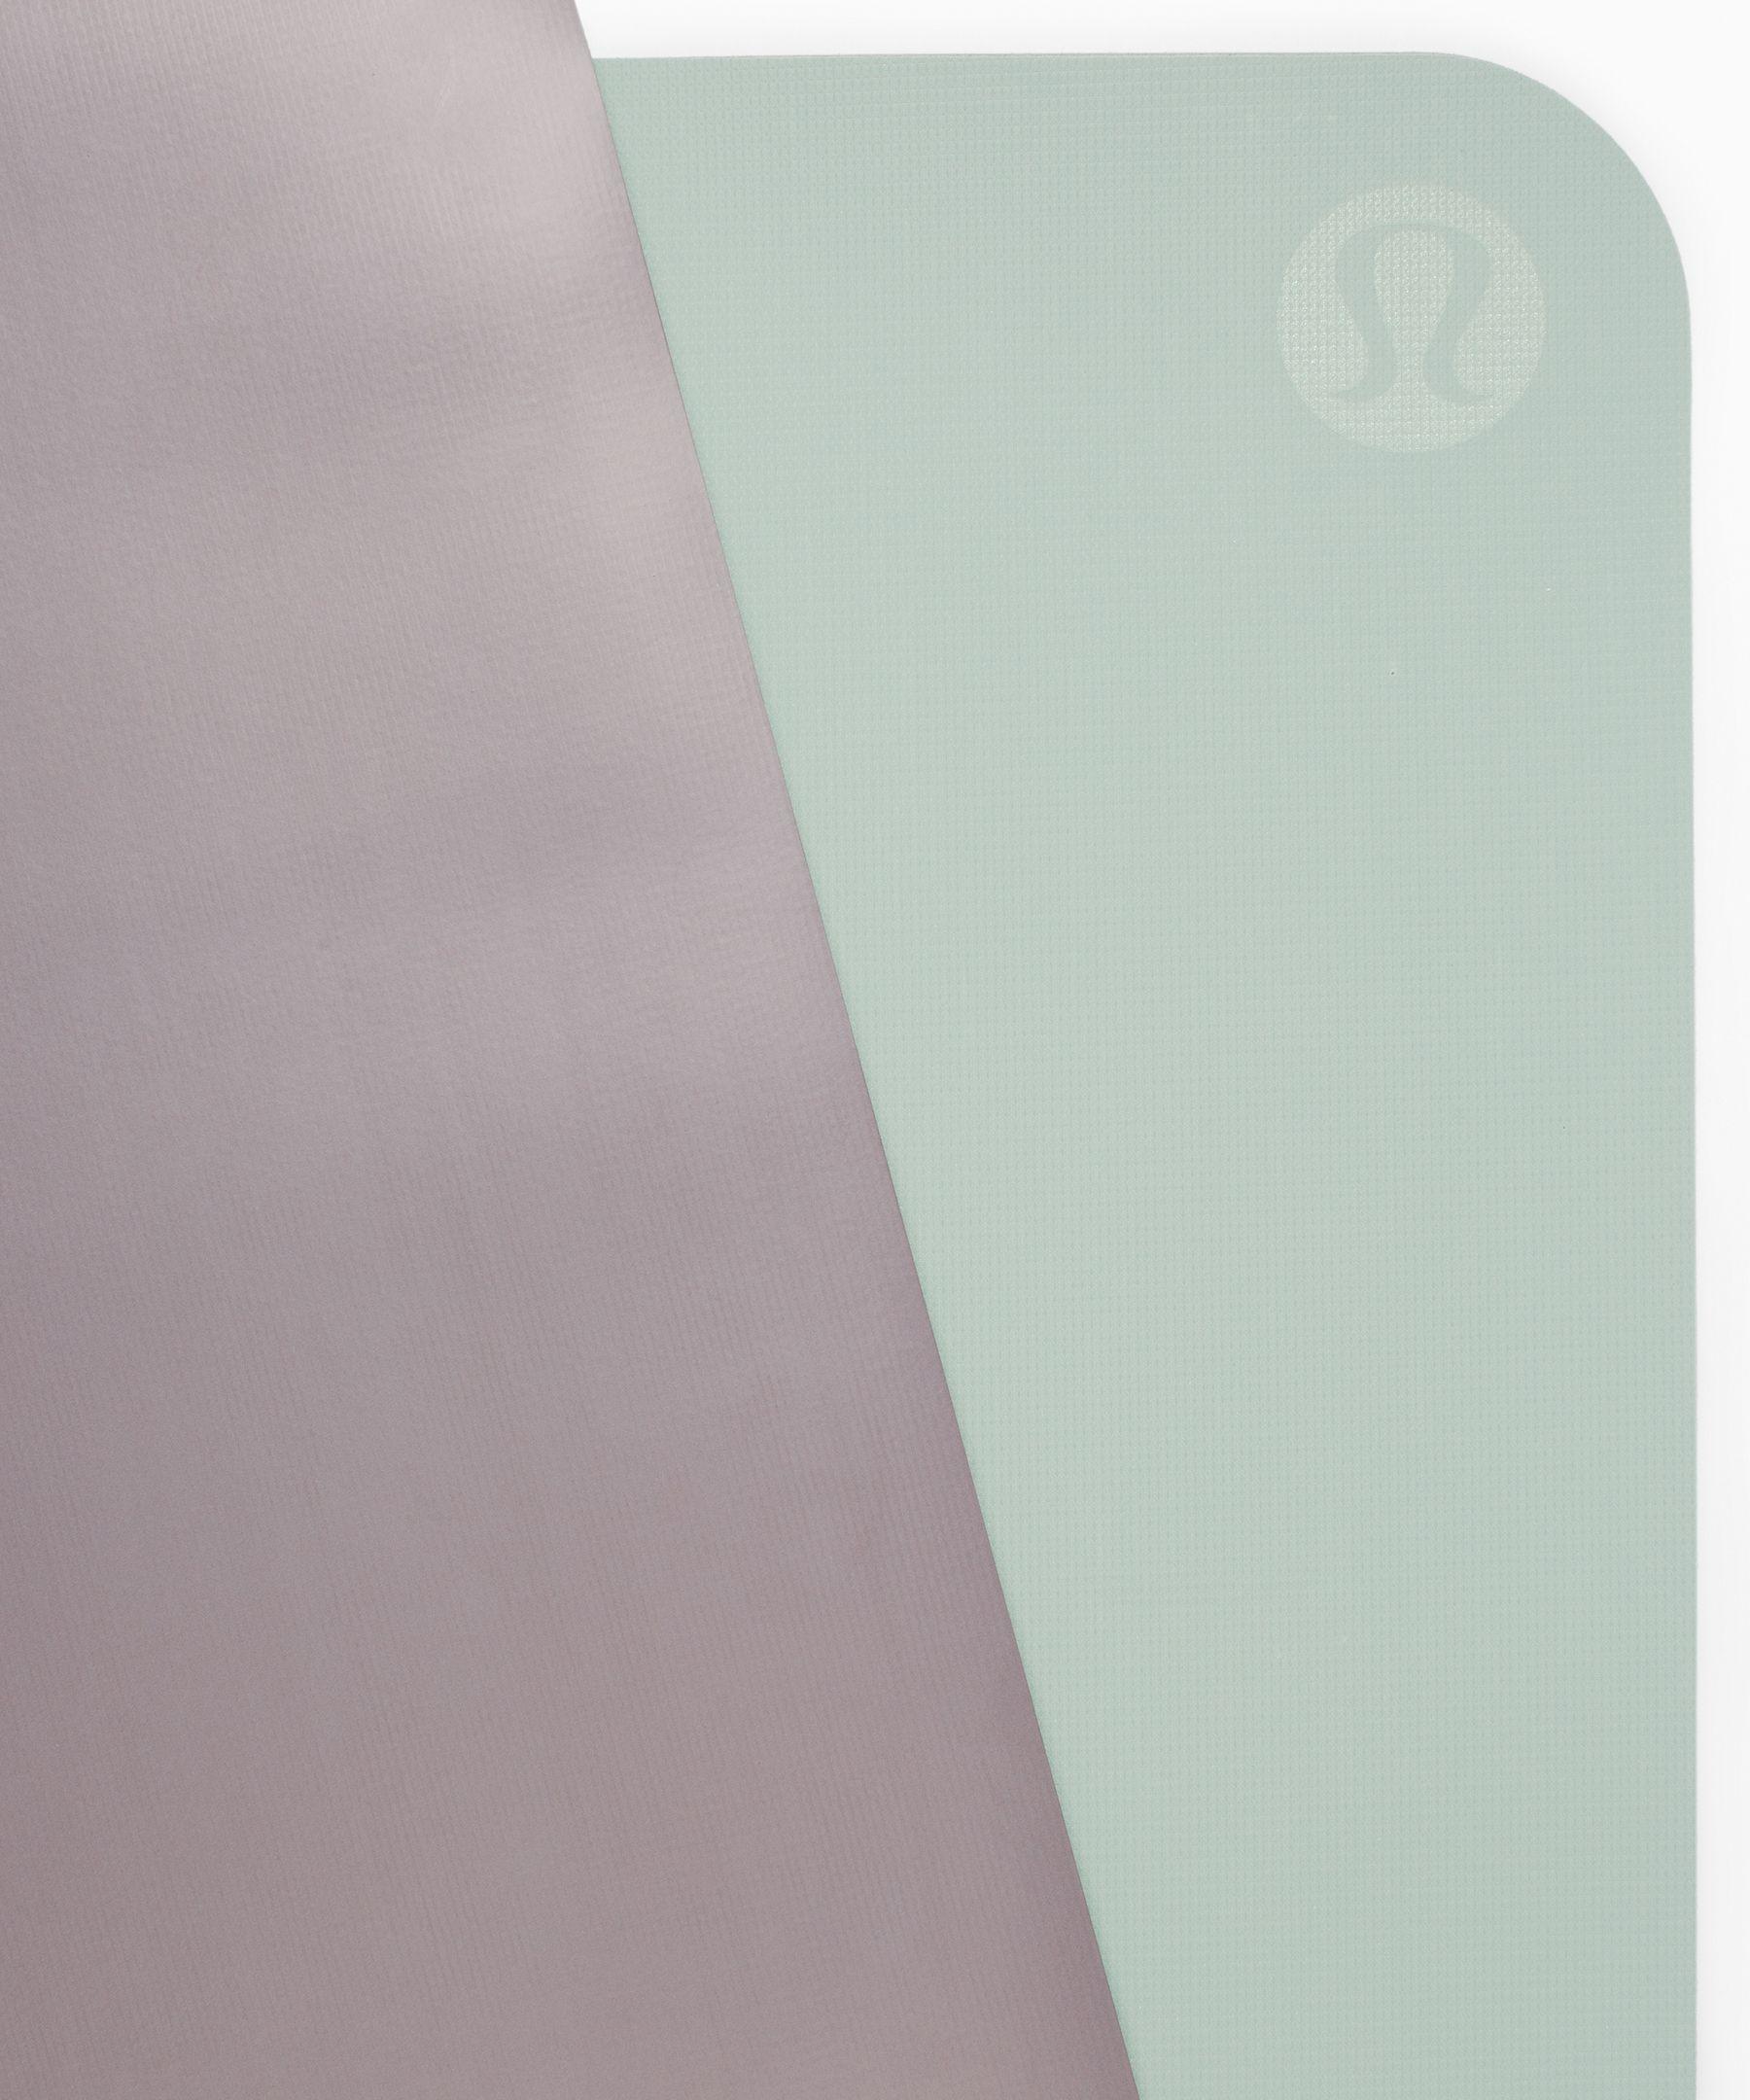 The Reversible Mat 5mm Women S Yoga Mats Lululemon In 2020 Yoga Women Lululemon Yoga Block